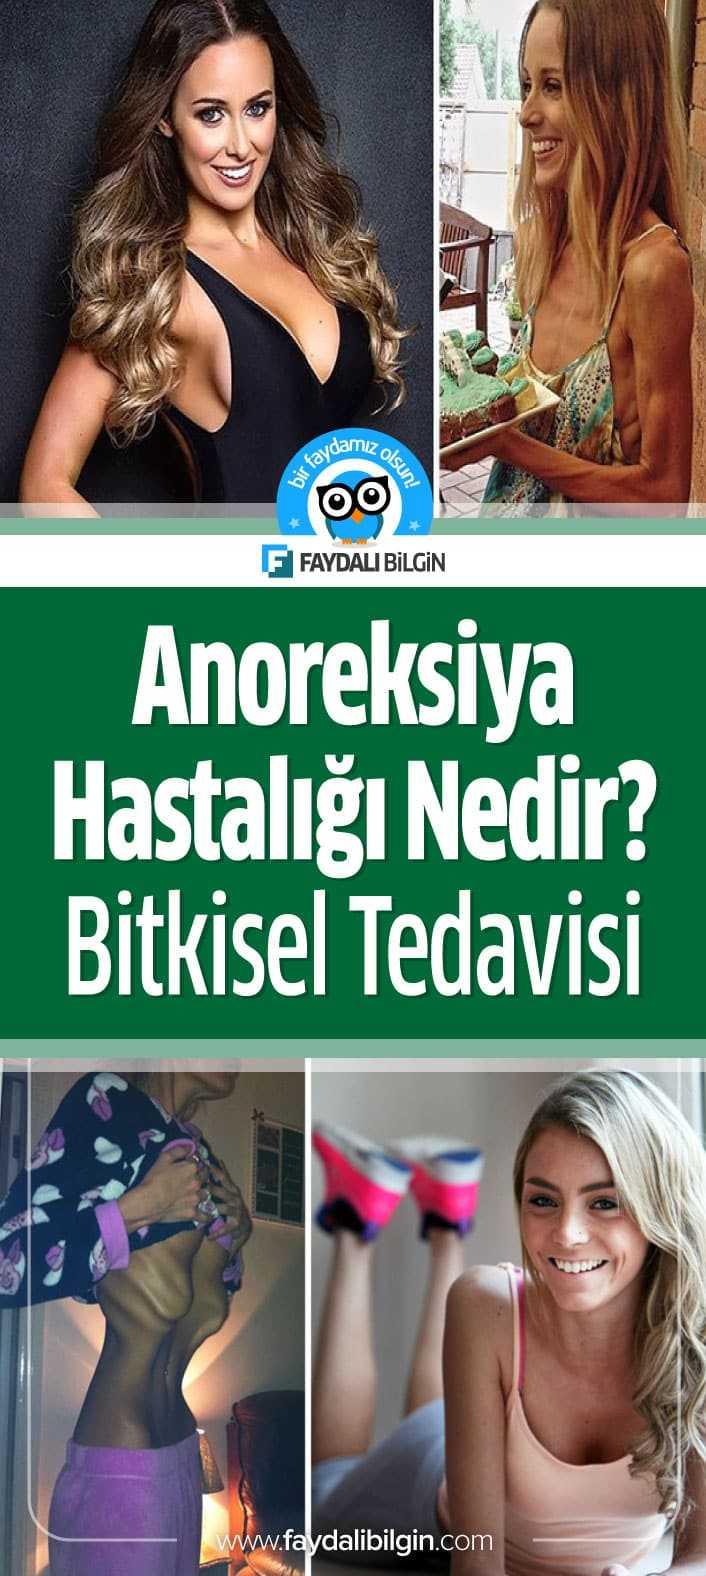 Anoreksiya Hastalığı Nedir, Belirtileri nelerdir? Neden kaynaklanır ve Bitkisel Tedavisi yöntemleri nelerdir? Anoreksiya hakkında herşey.<div class=